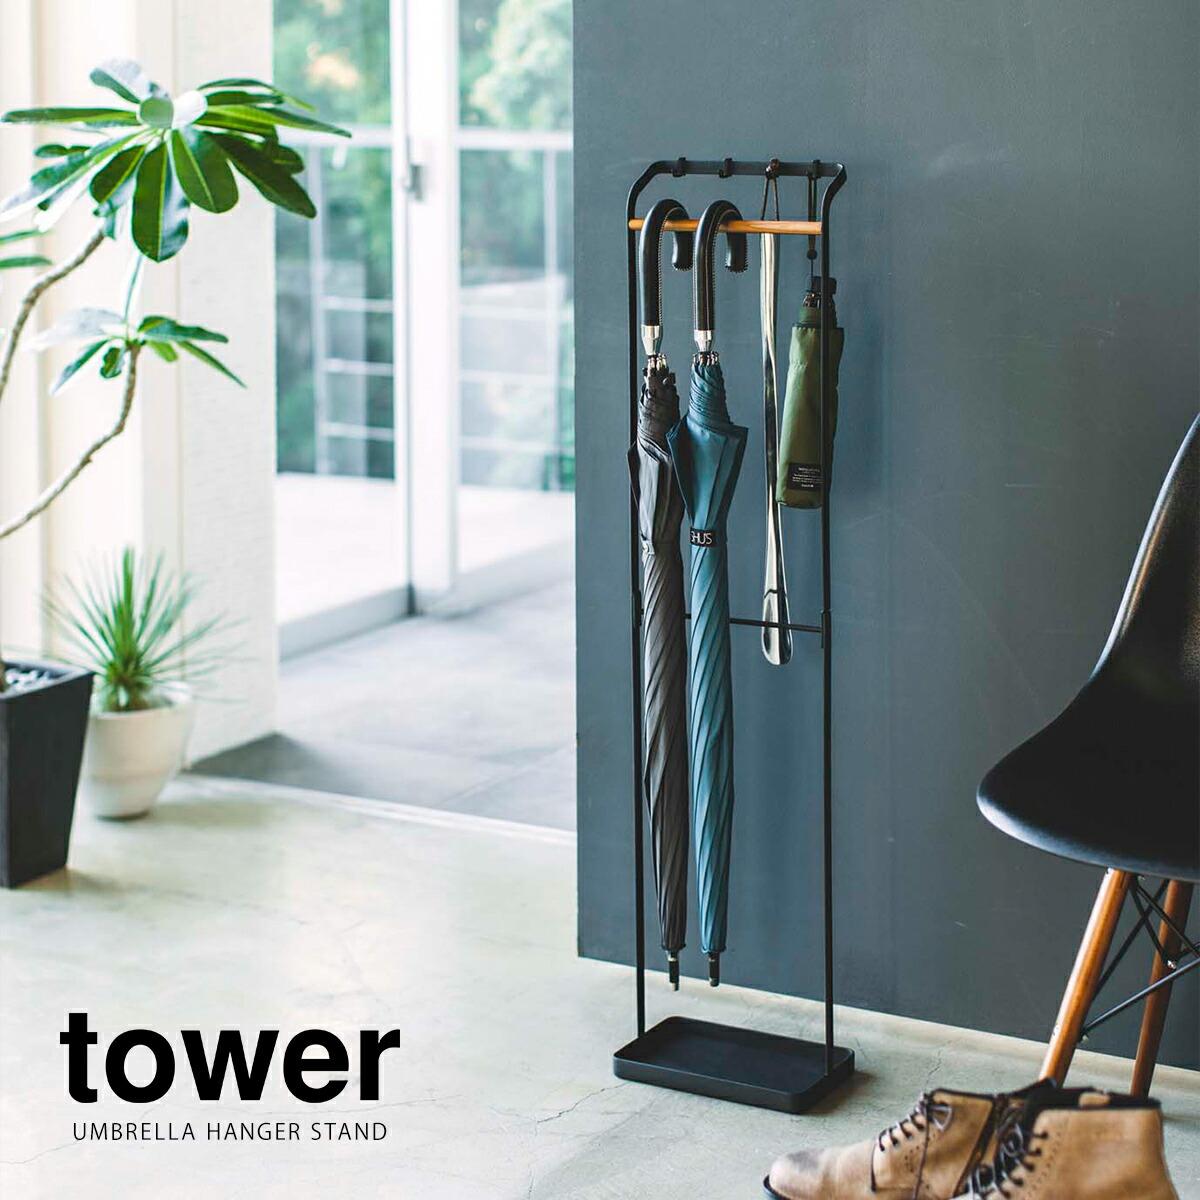 タワー tower 傘立て ハンガー かける 掛ける 玄関収納 引っ掛けアンブレラスタンド